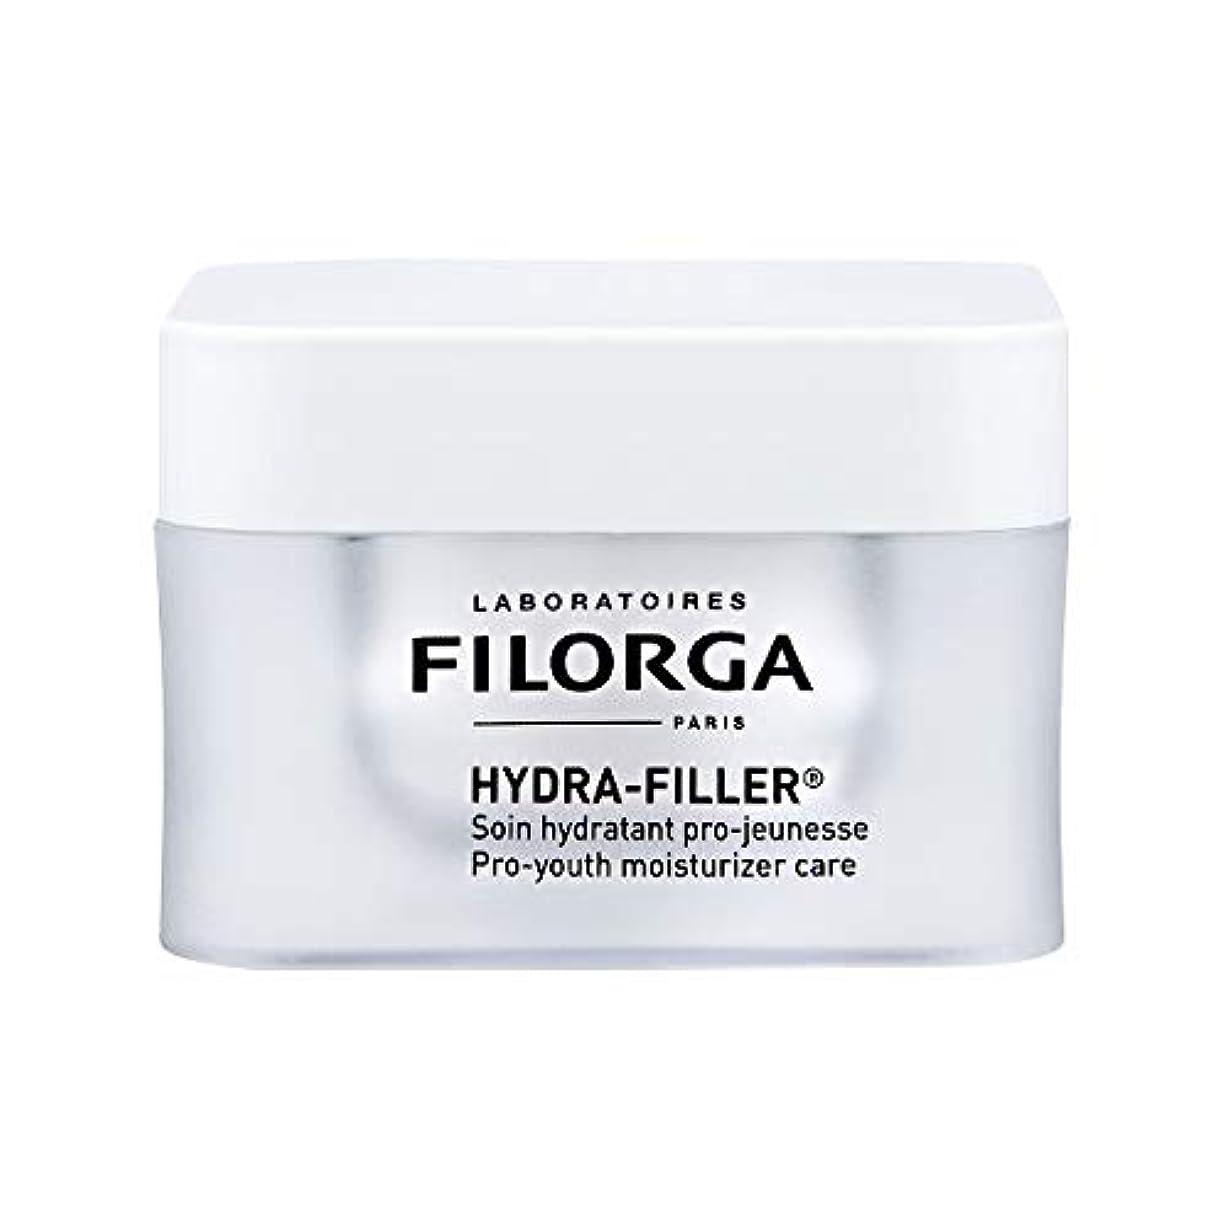 [フィロルガ] ハイドラフィラー HYDRA FILLER 50ml [海外直送品][フランス直送品] [並行輸入品]